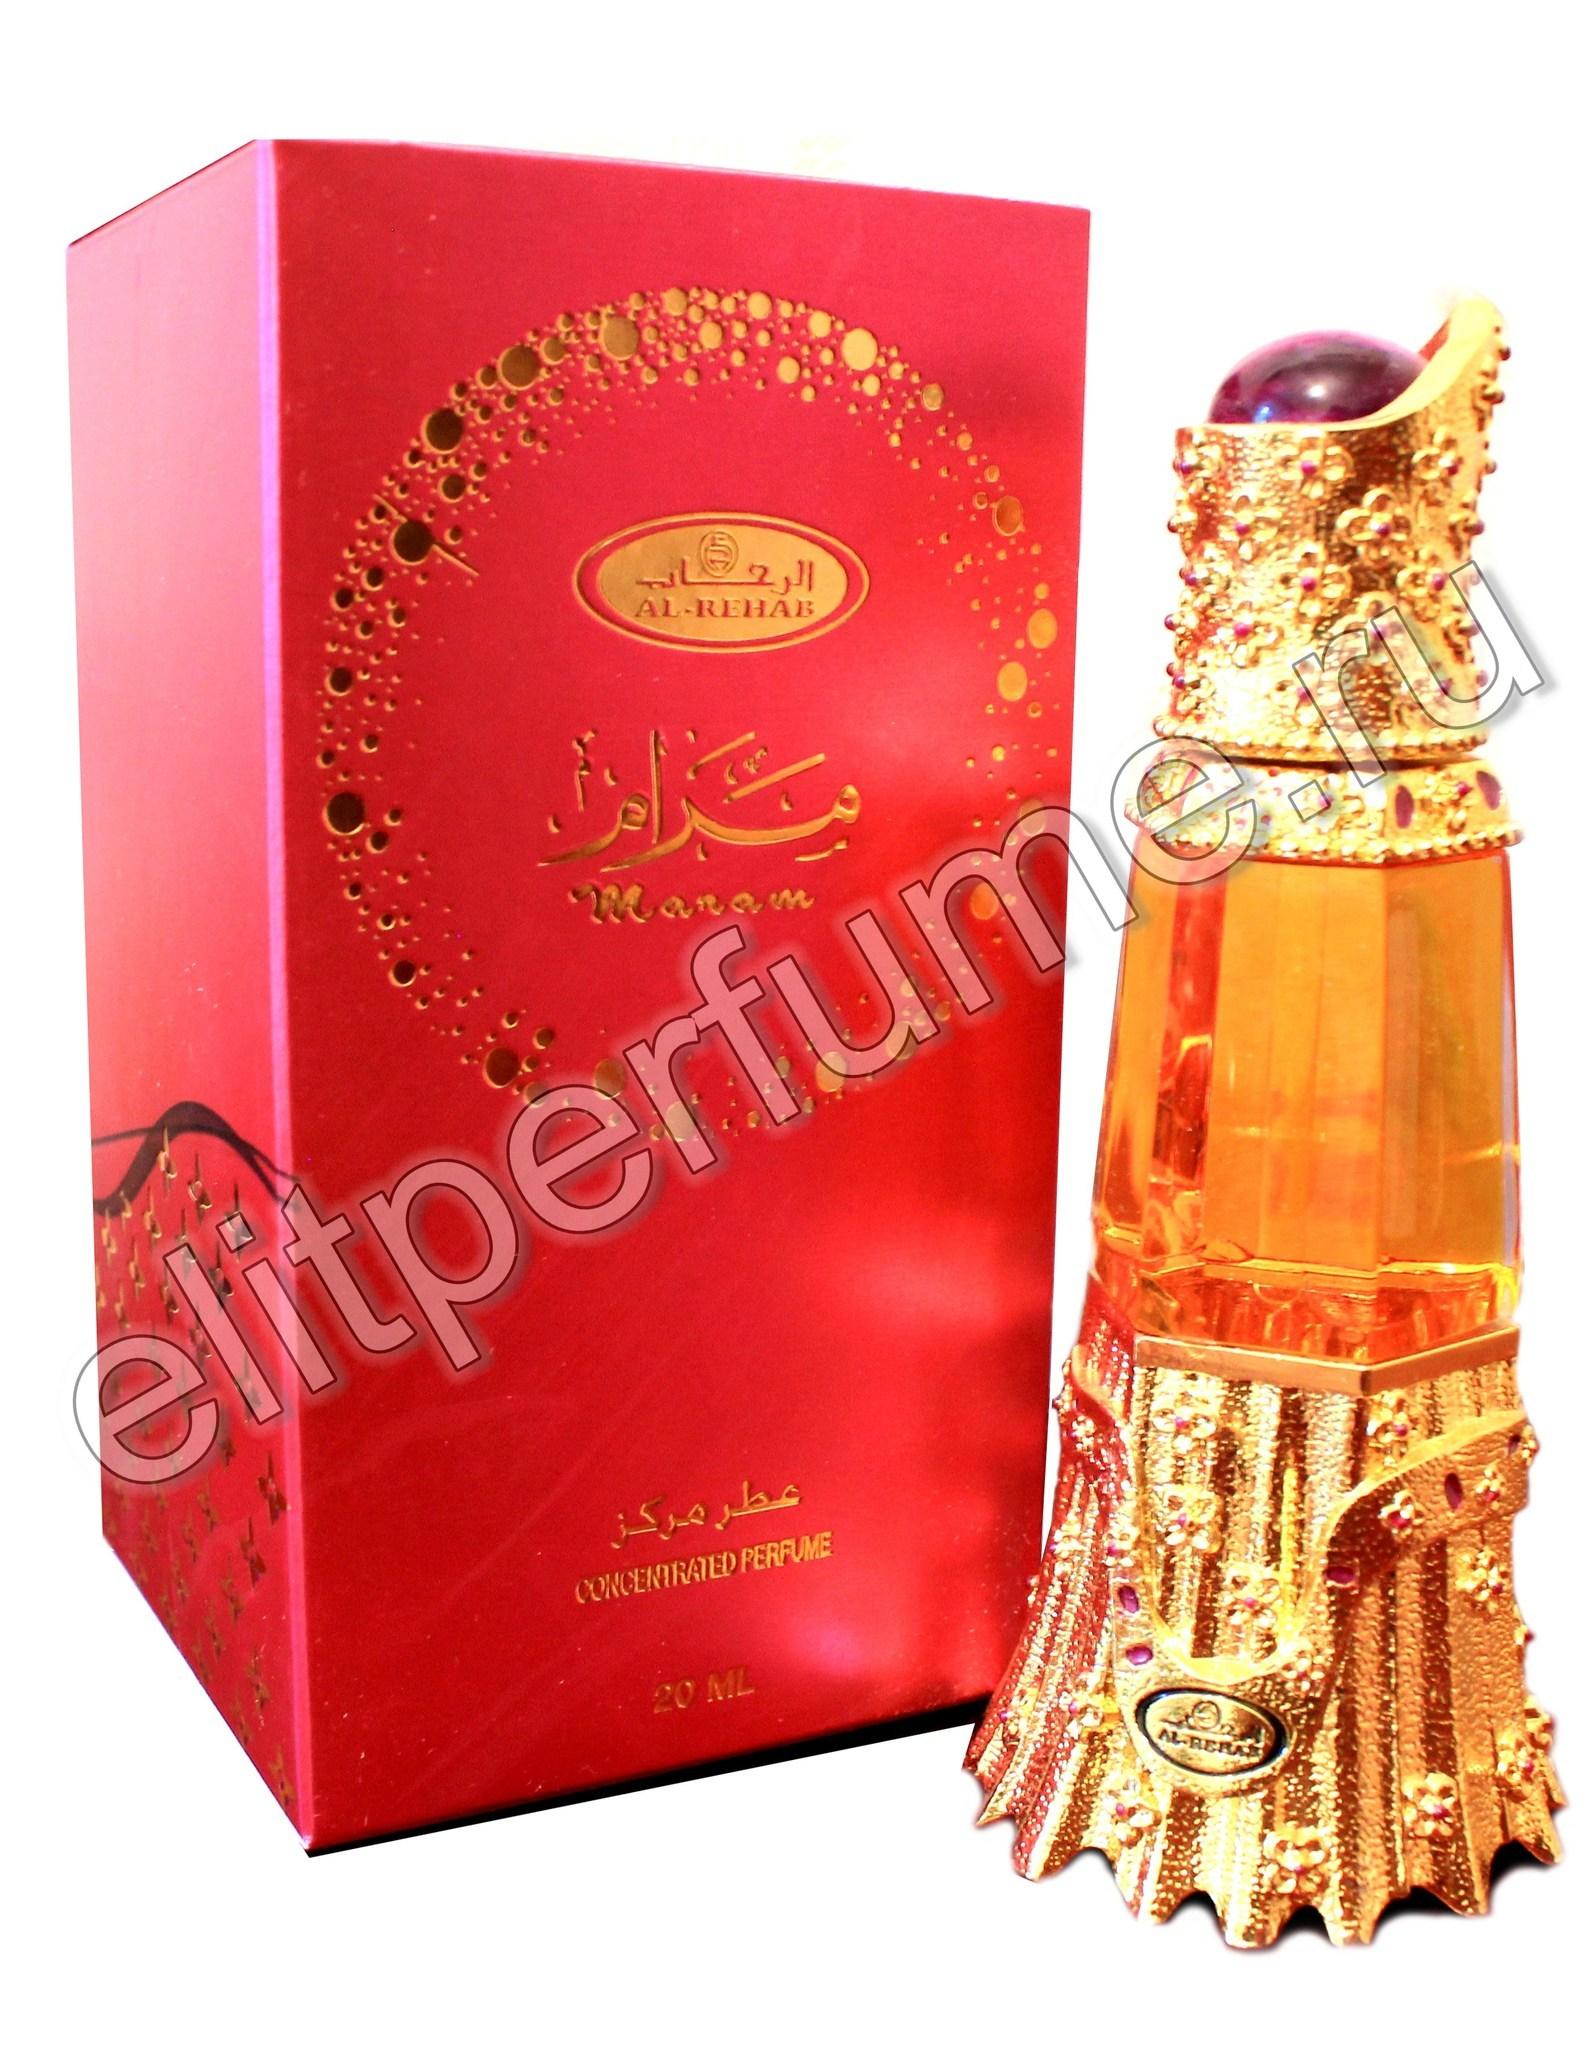 Пробник для Maram 1 мл арабские масляные духи от Аль Рехаб Al Rehab